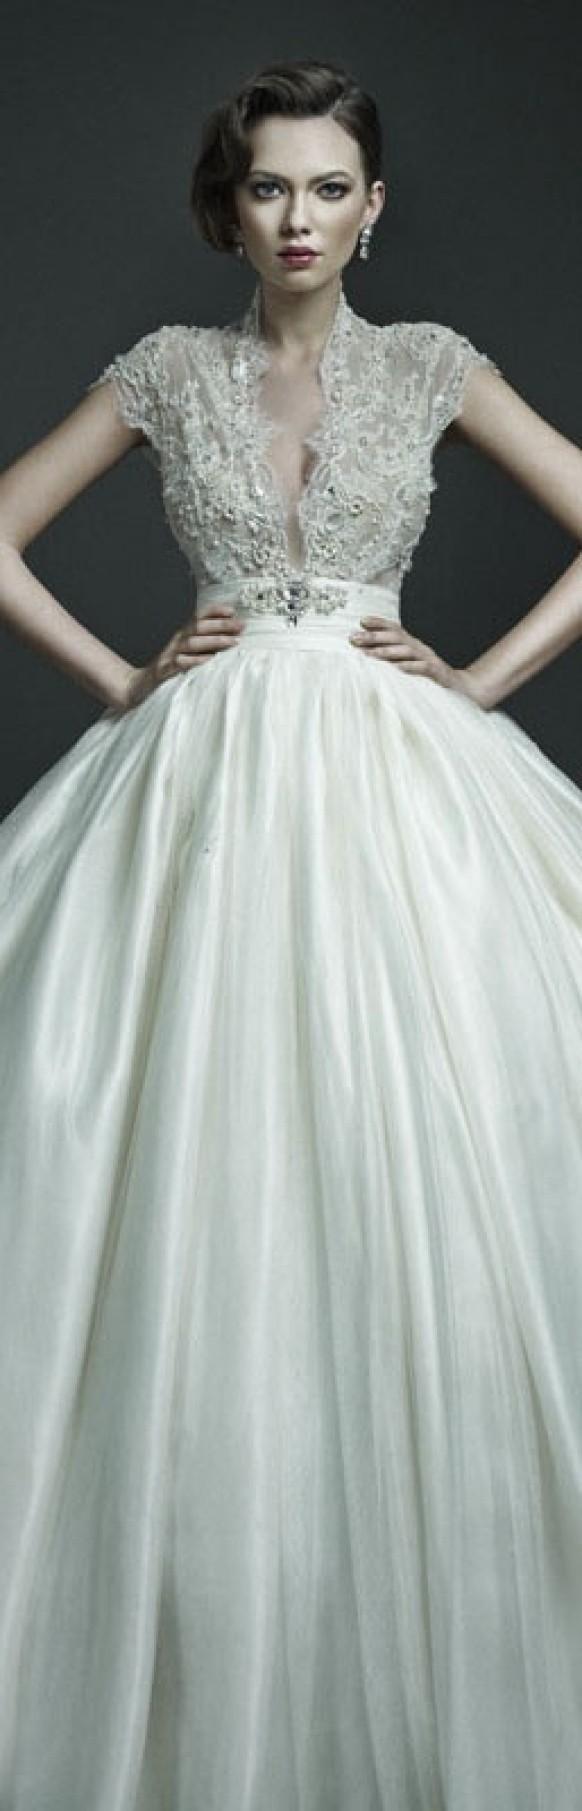 Sueño de luna de miel - Ideas del vestido de boda #1919655